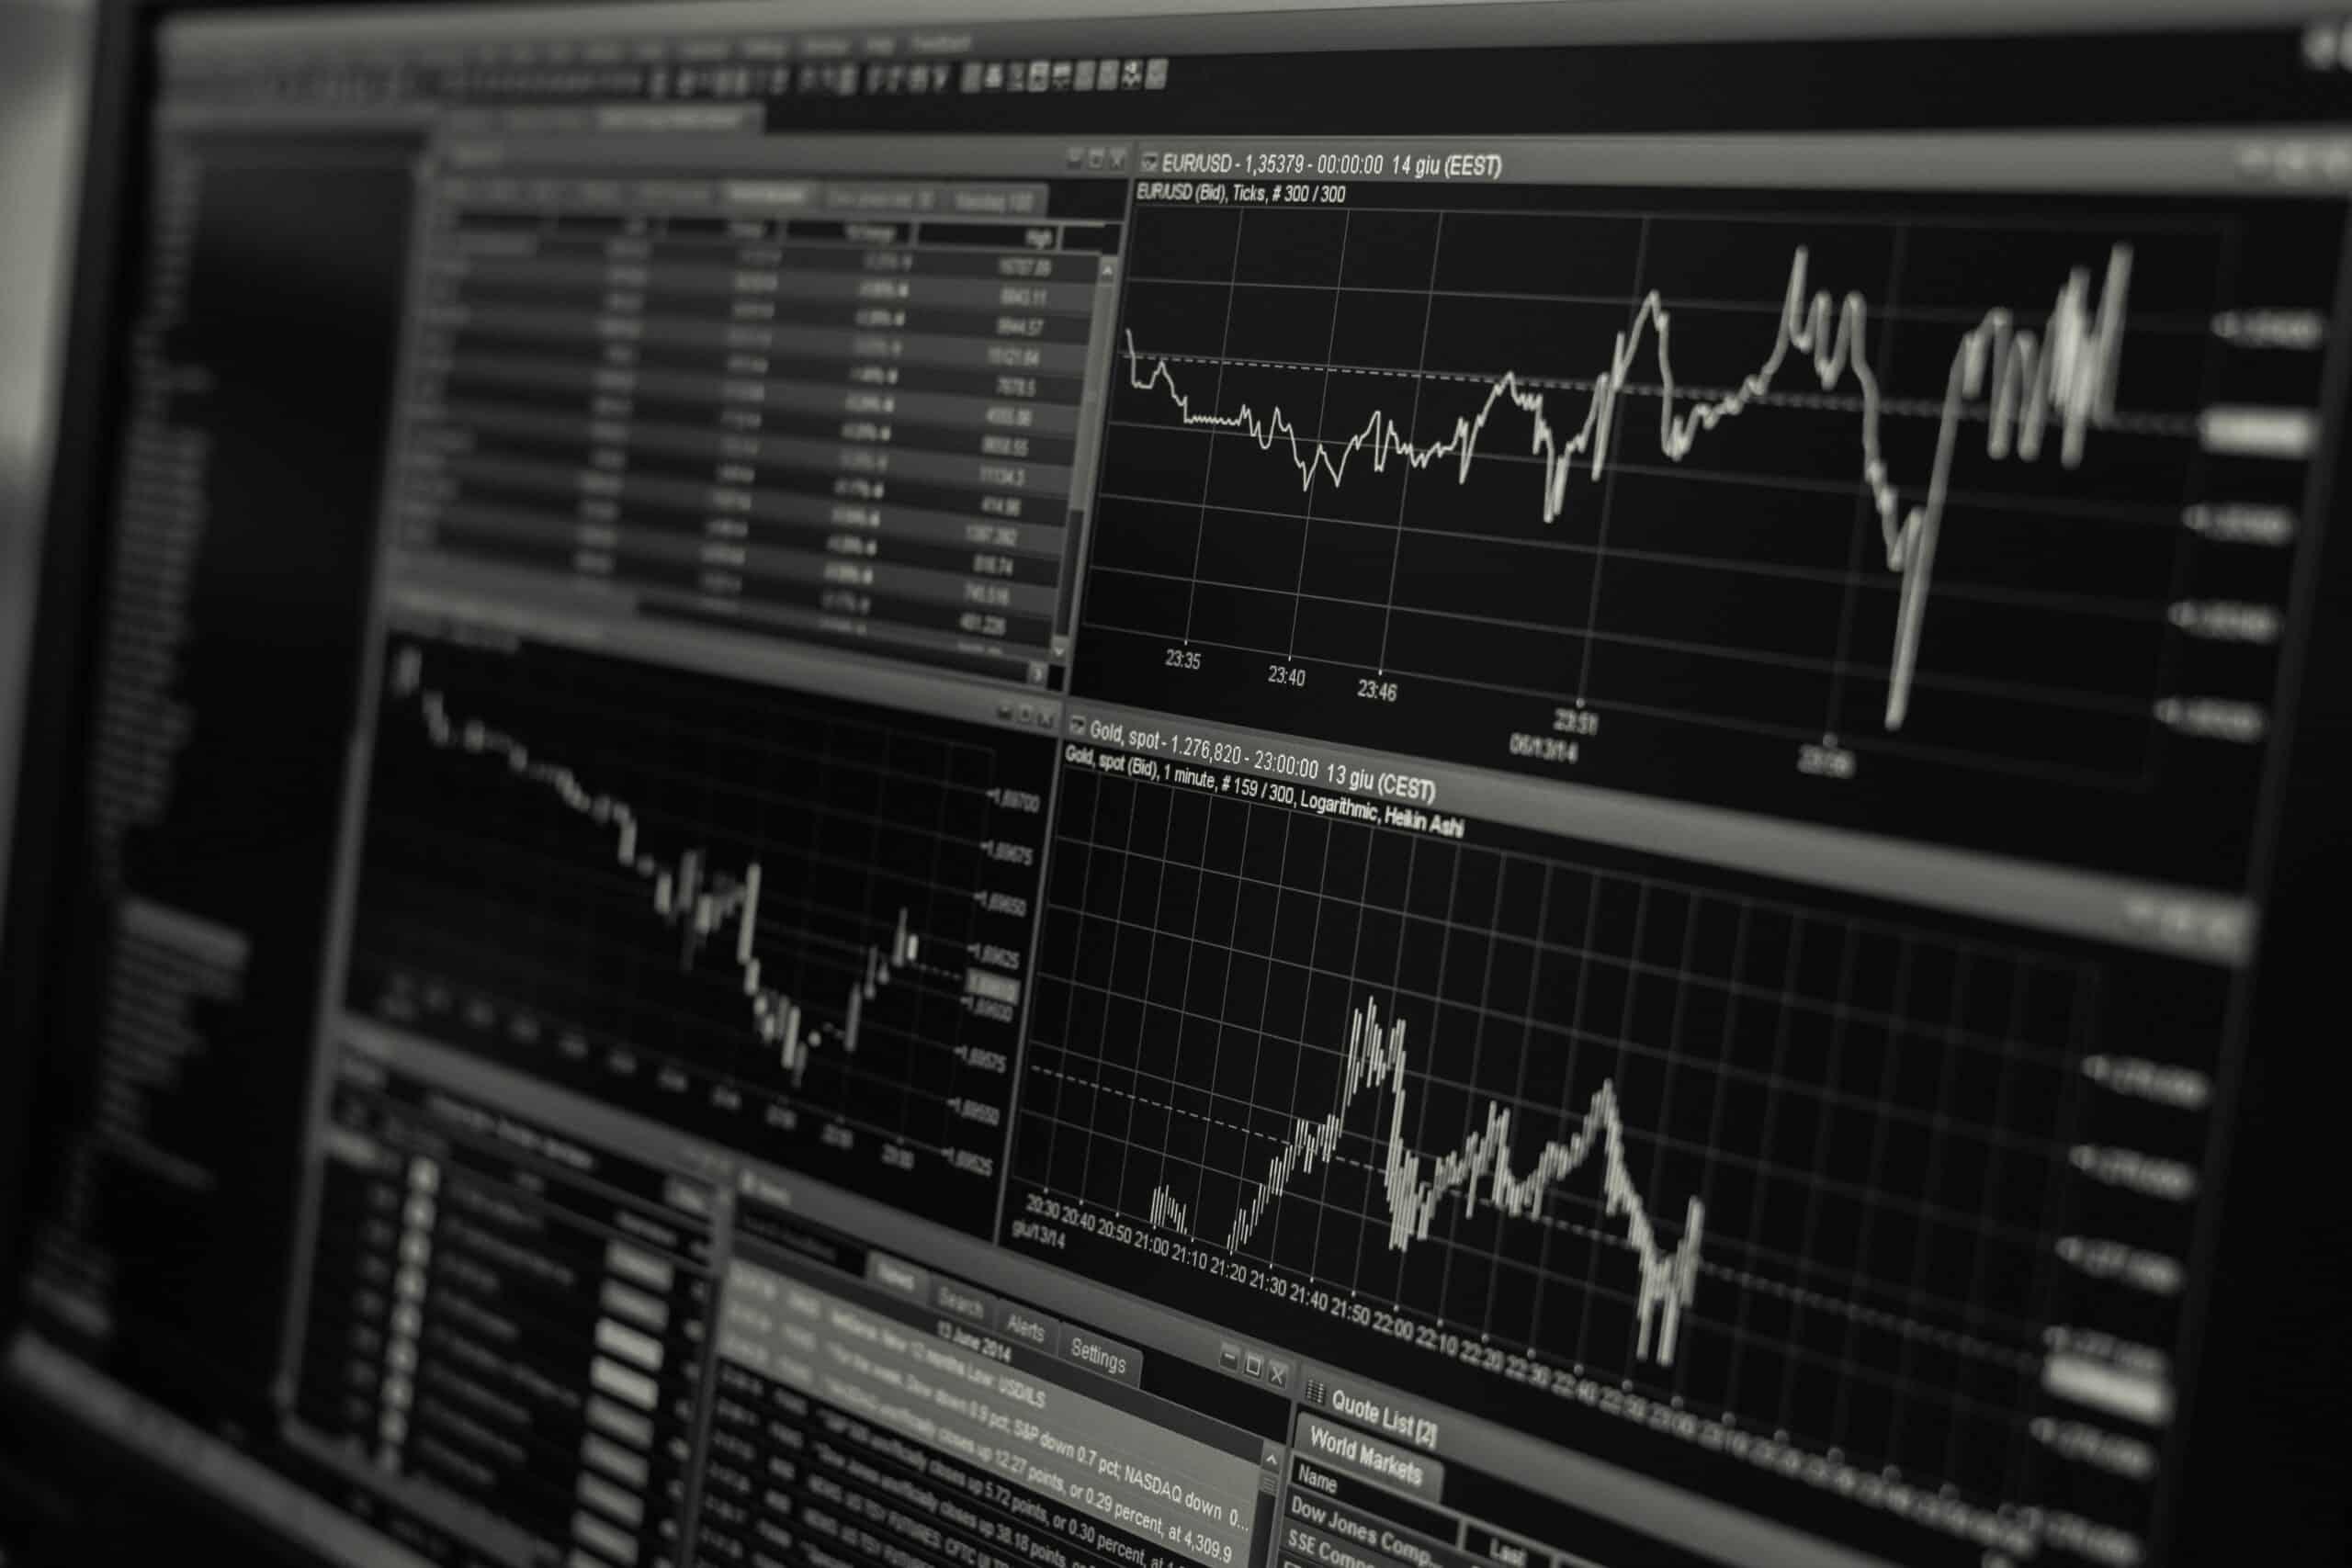 miglior software di trading azionario automatizzato 2021 lavoro da casa in inglese come si dice 2021 cfda awards vincitori